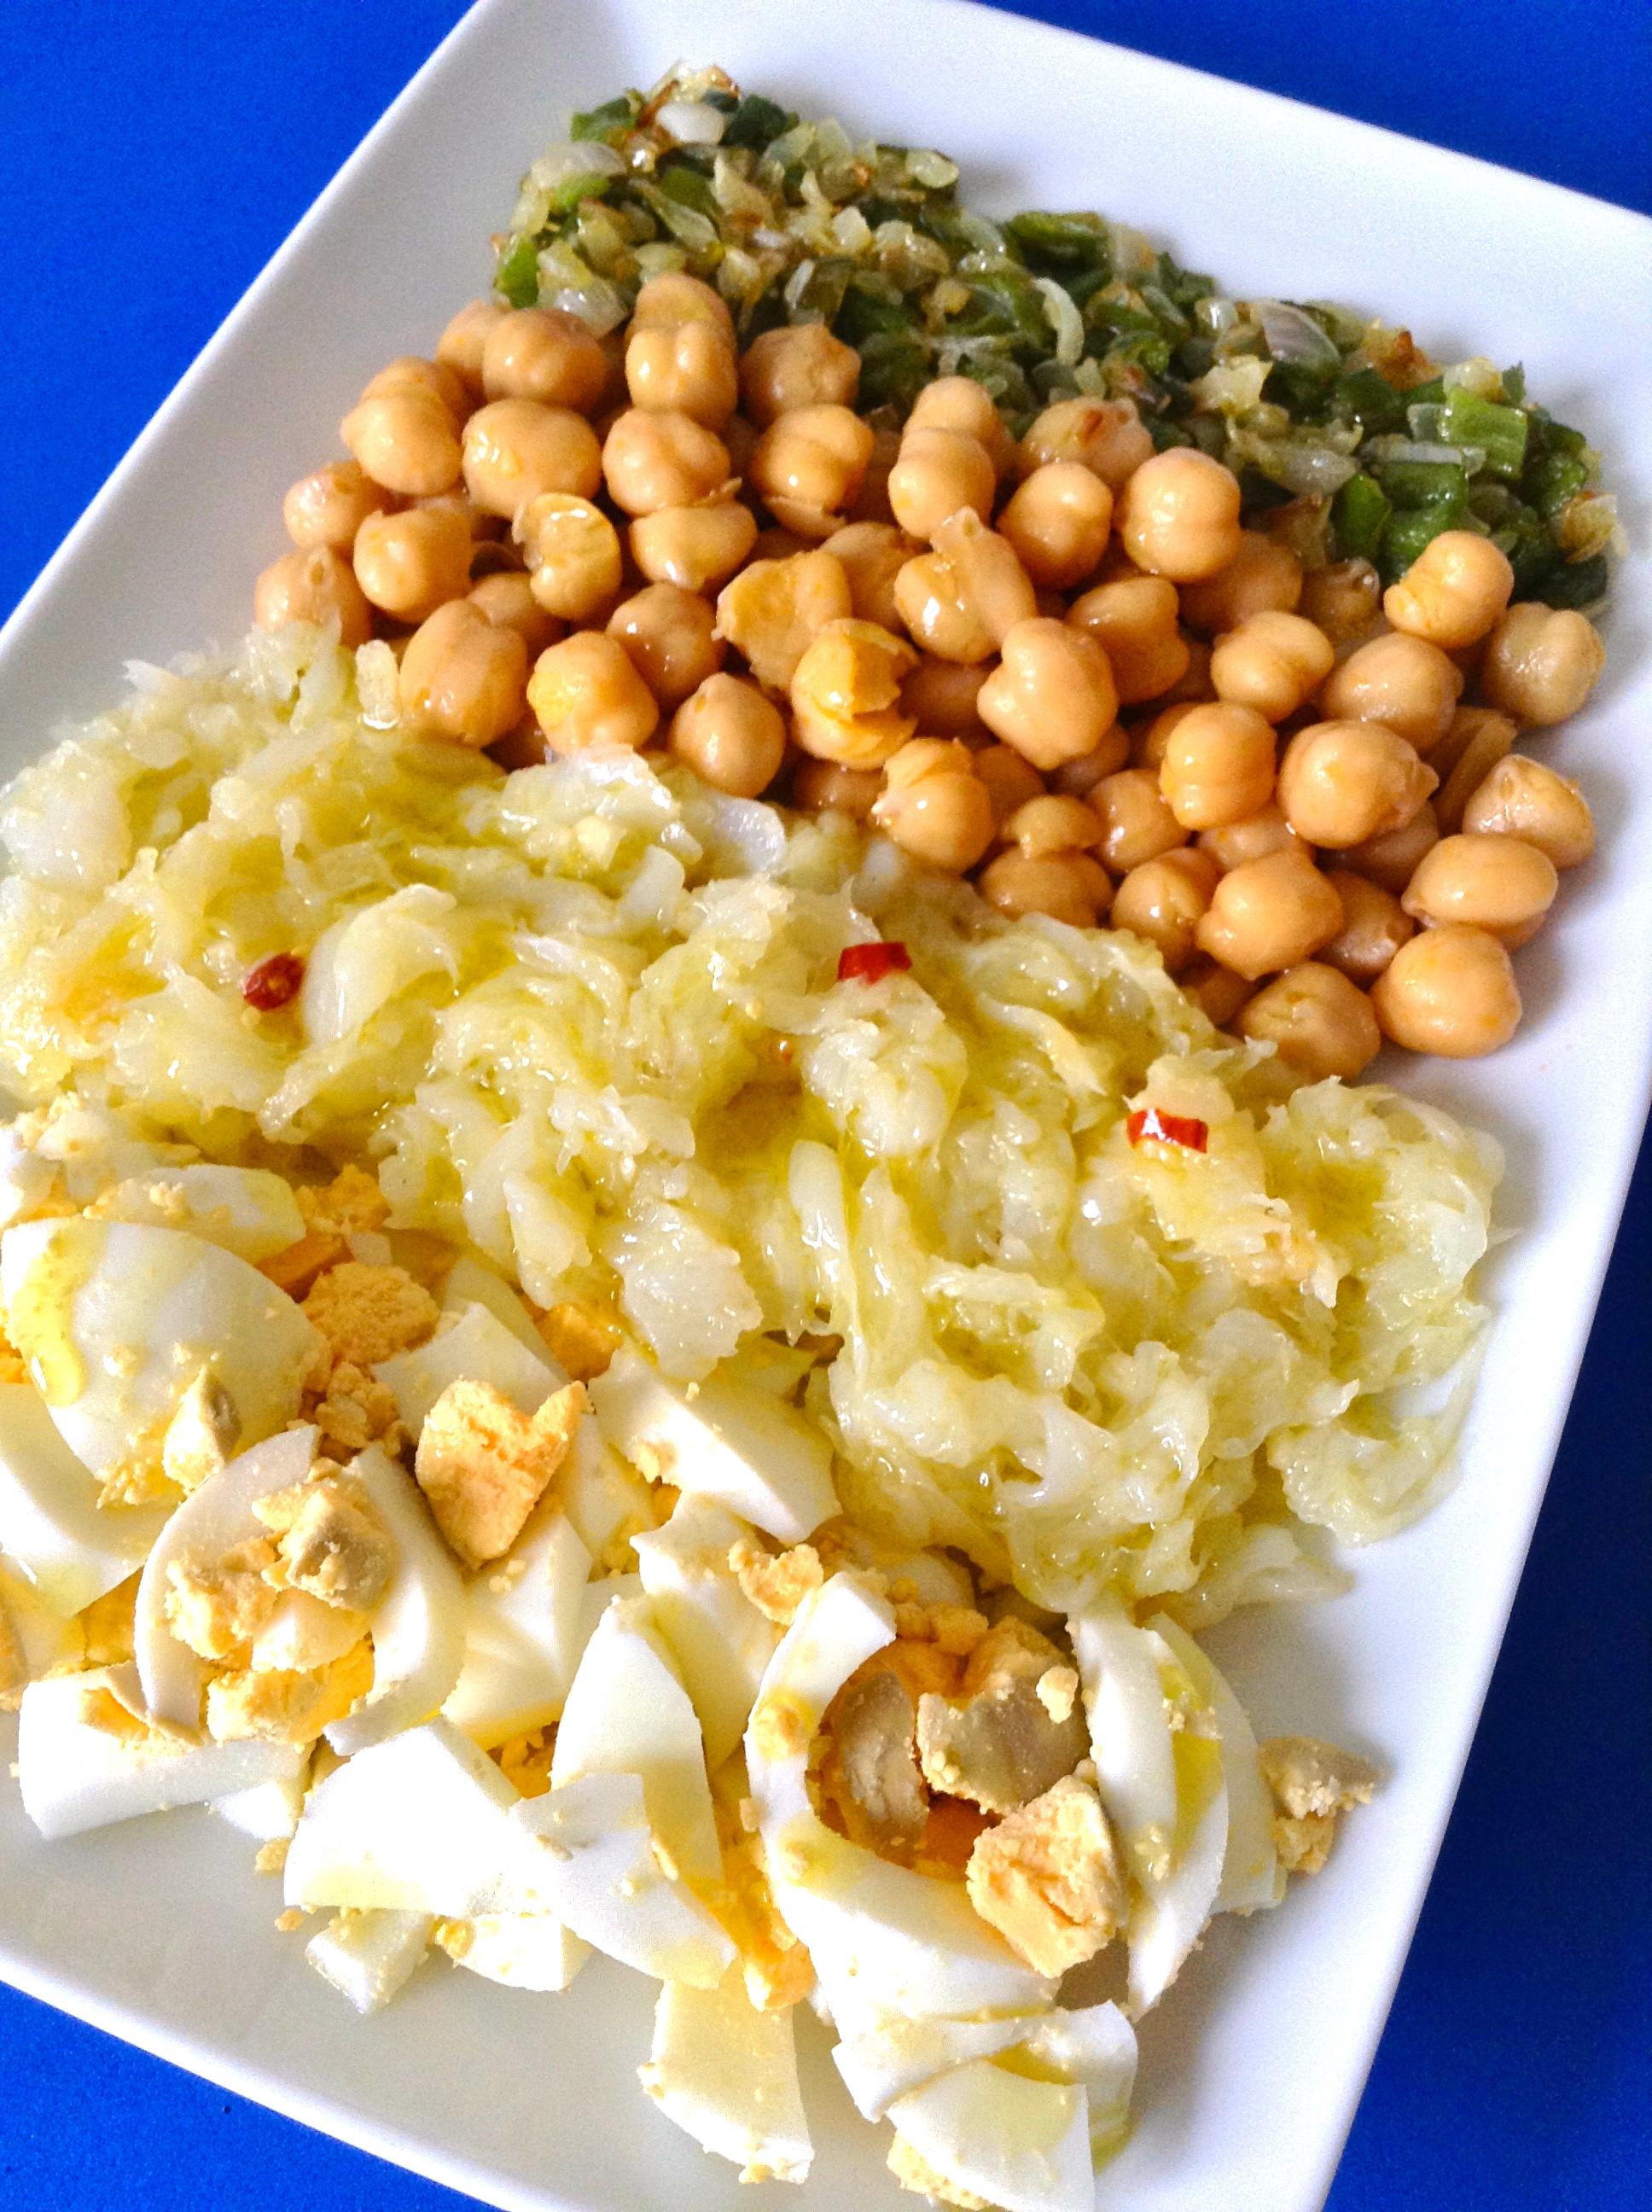 Ensalada de garbanzos y bacalao bubuto bobola - Bacalao con garbanzos y patatas ...